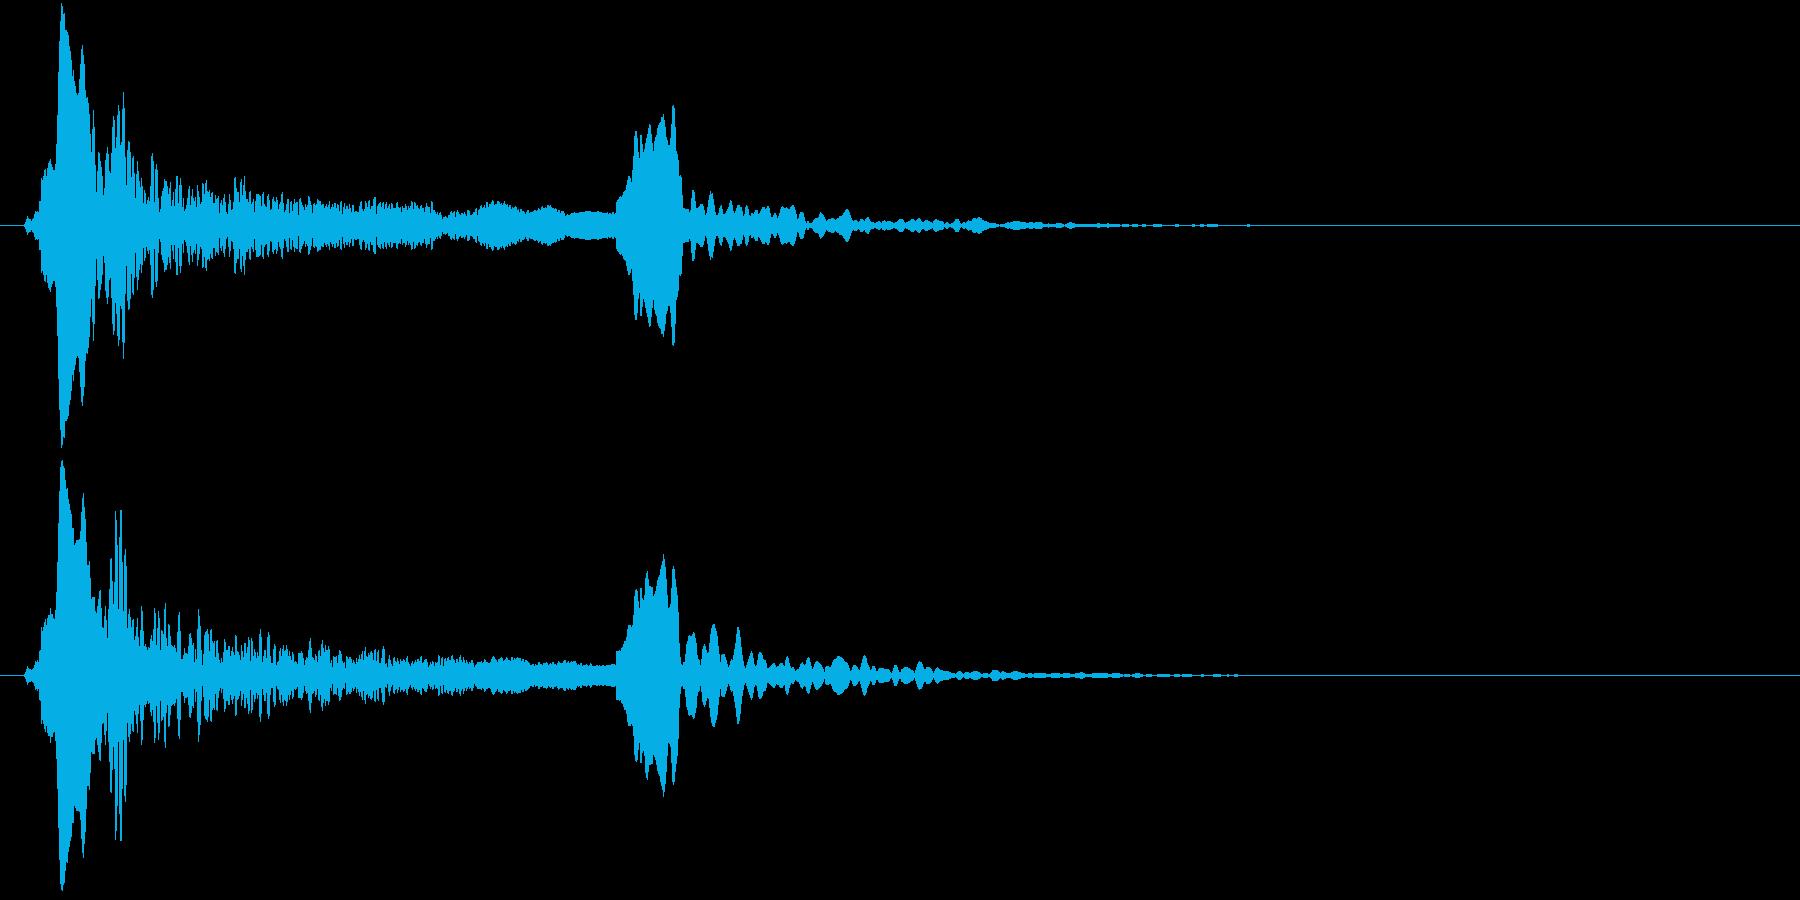 「ピィーピッ」能管ひしぎ、短め+リバーブの再生済みの波形